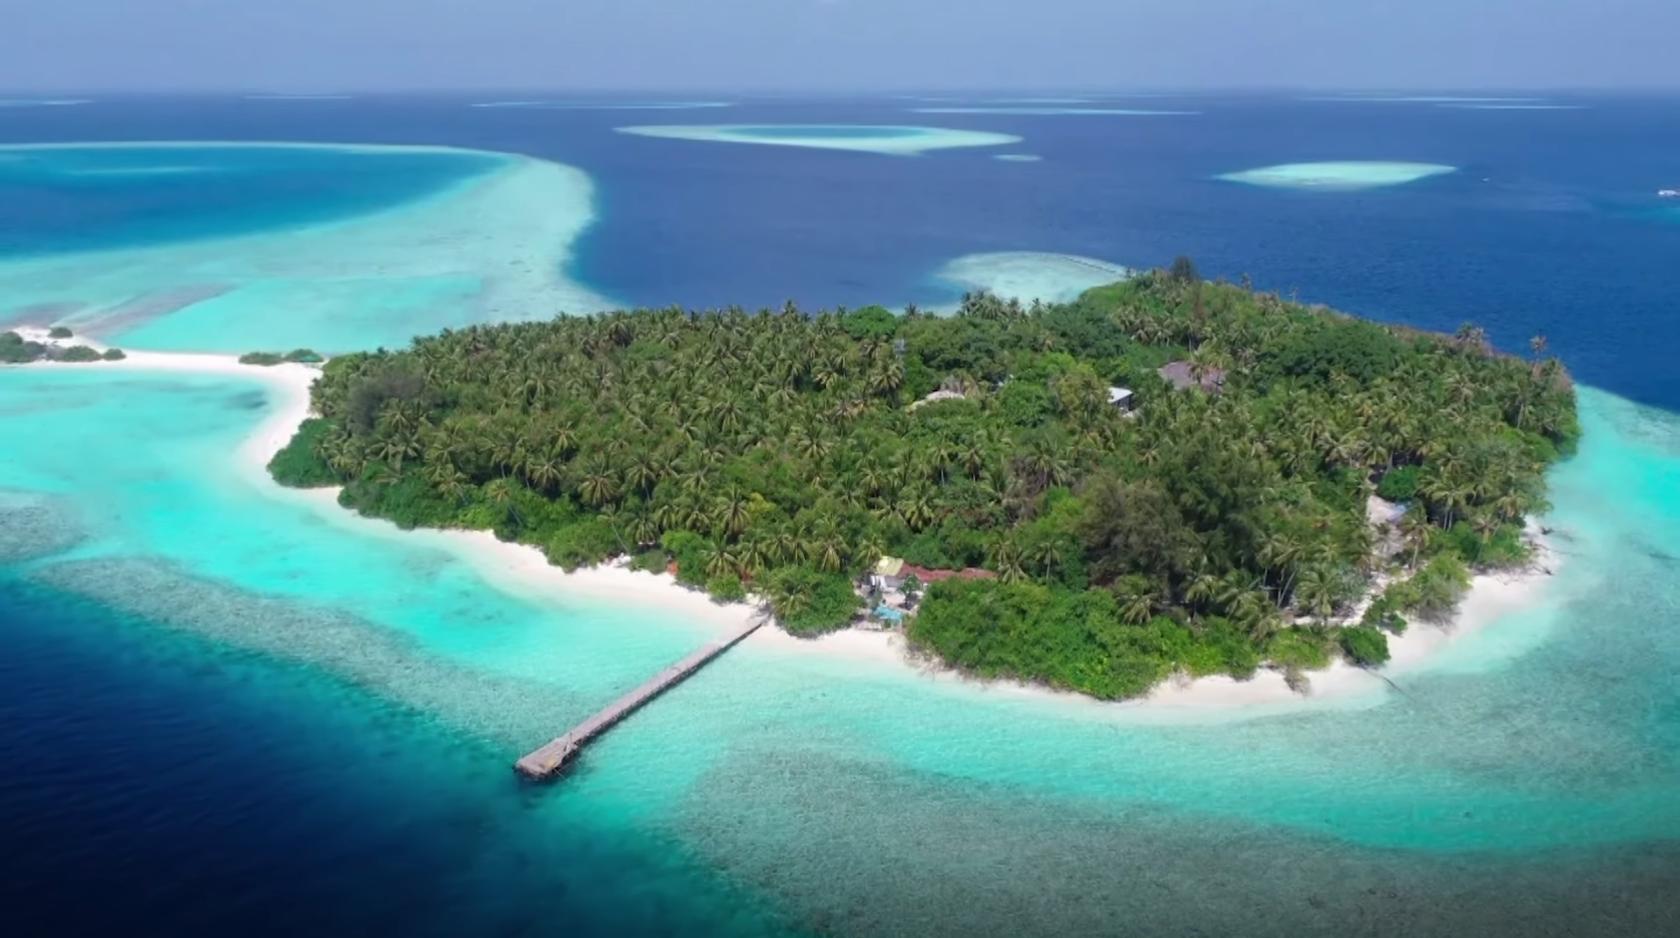 Кому «війна», а кому мати рідна: на Мальдівах побудували готель для хворих коронавірусом - коронавірус - 17 otel